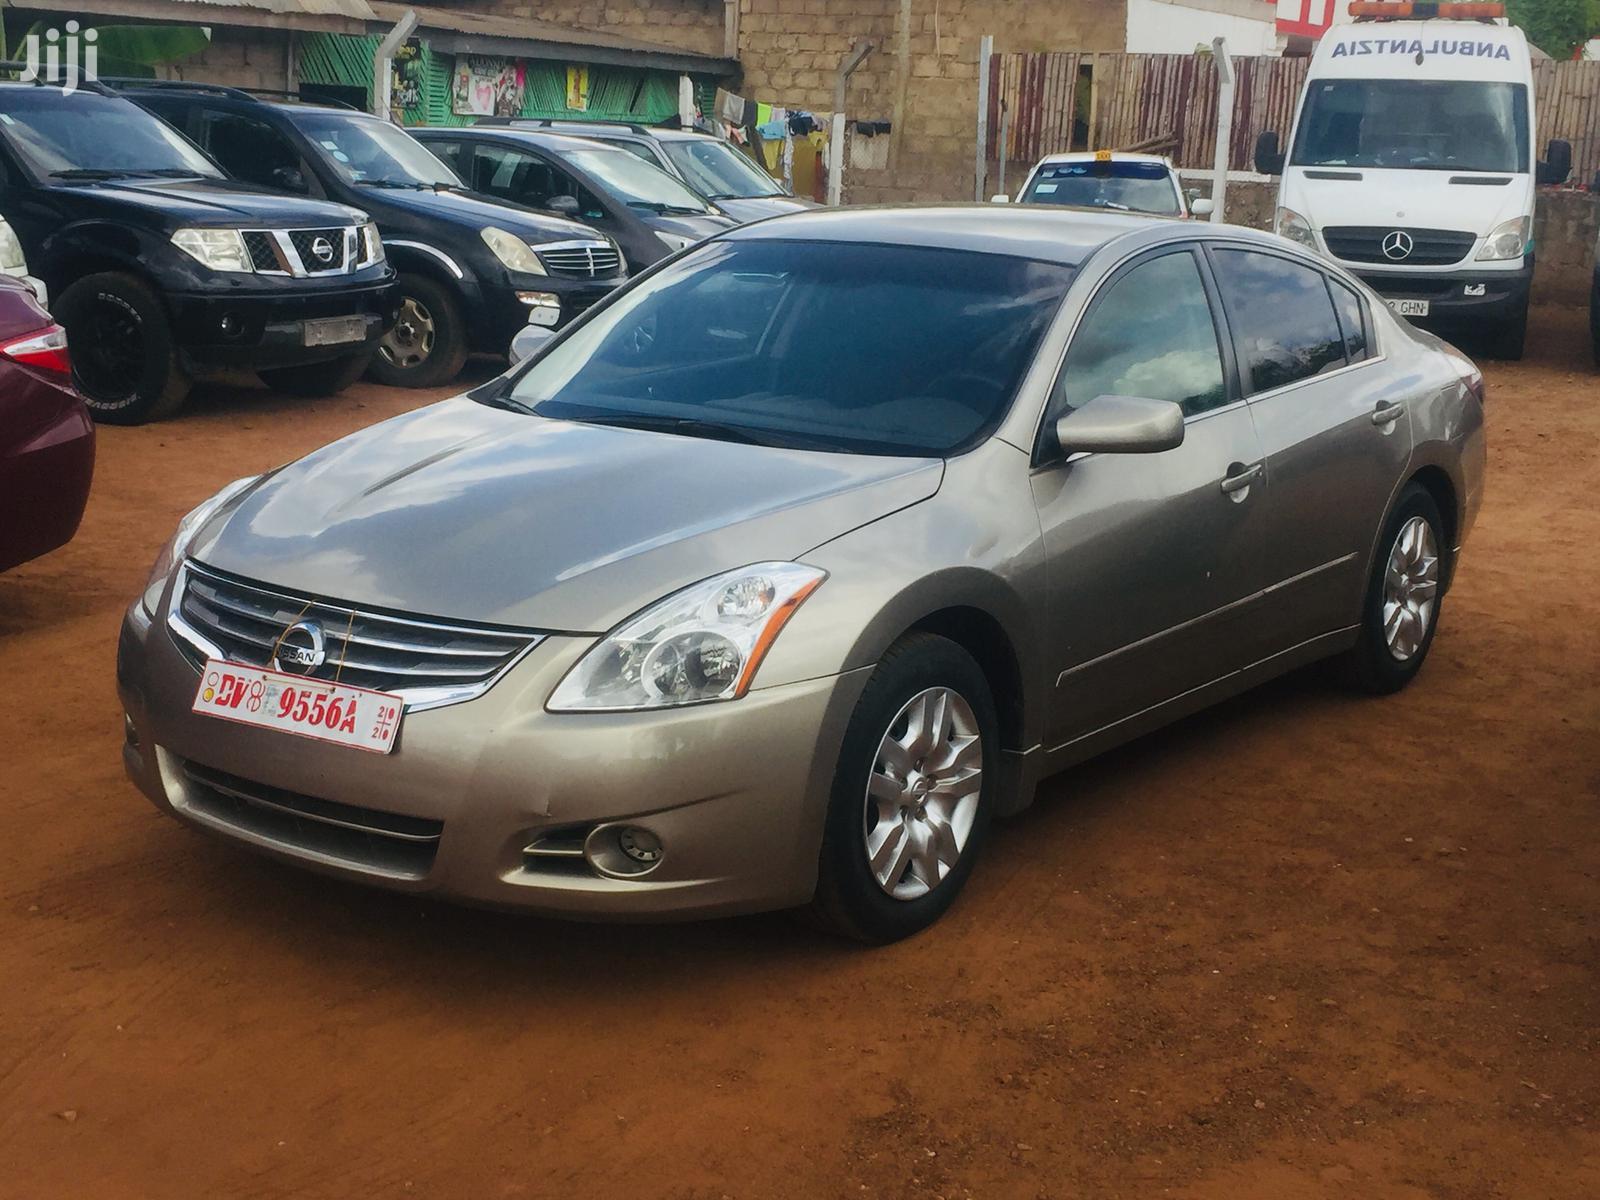 Archive: Nissan Altima 2.5 SL 2012